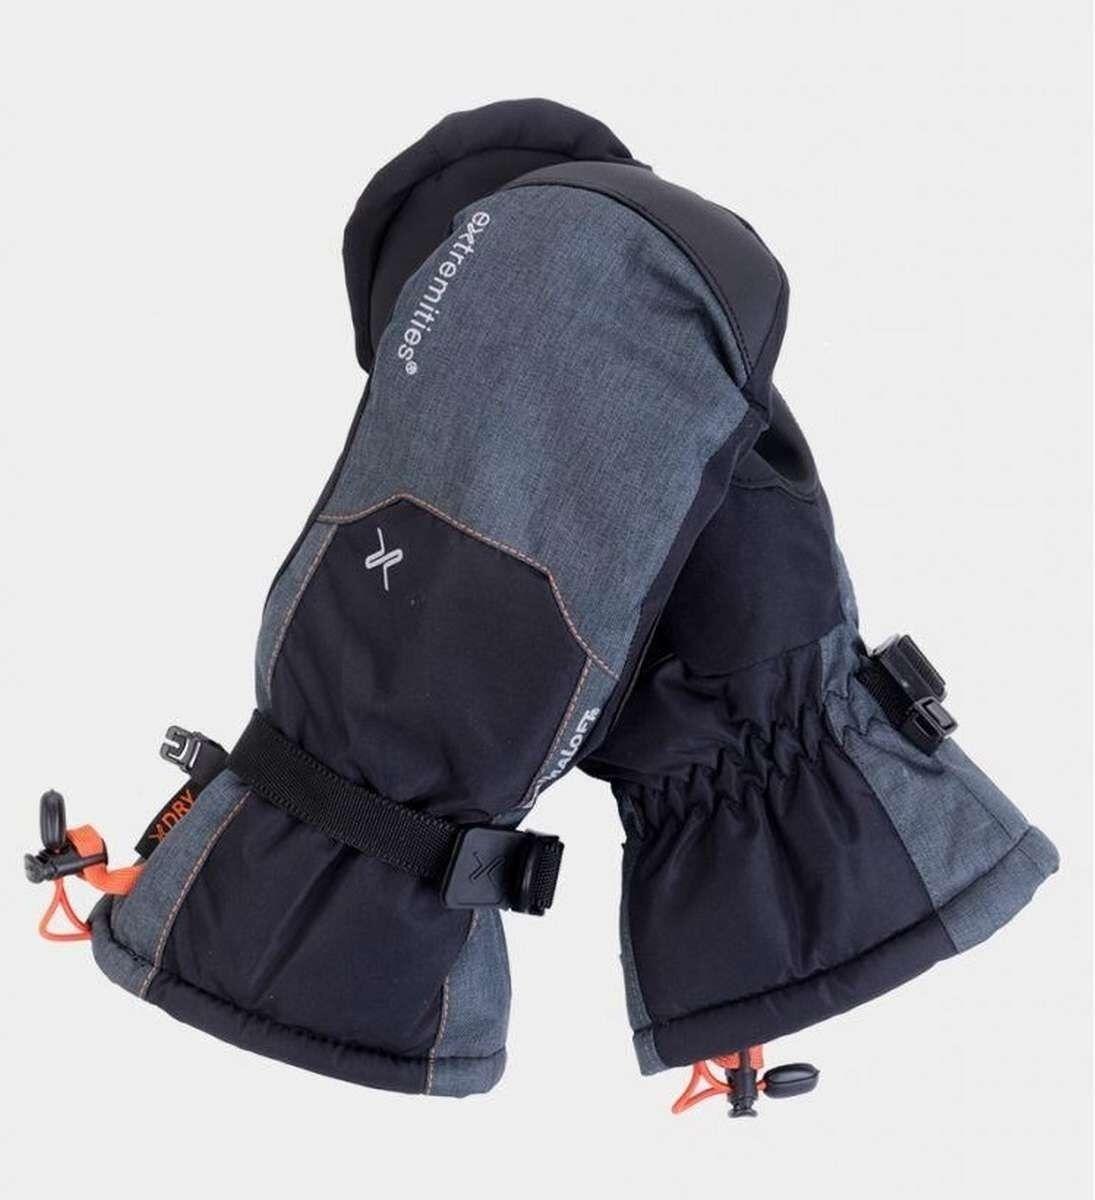 Extremities Torres Peak Mitt - winter mitten for outdoor activities